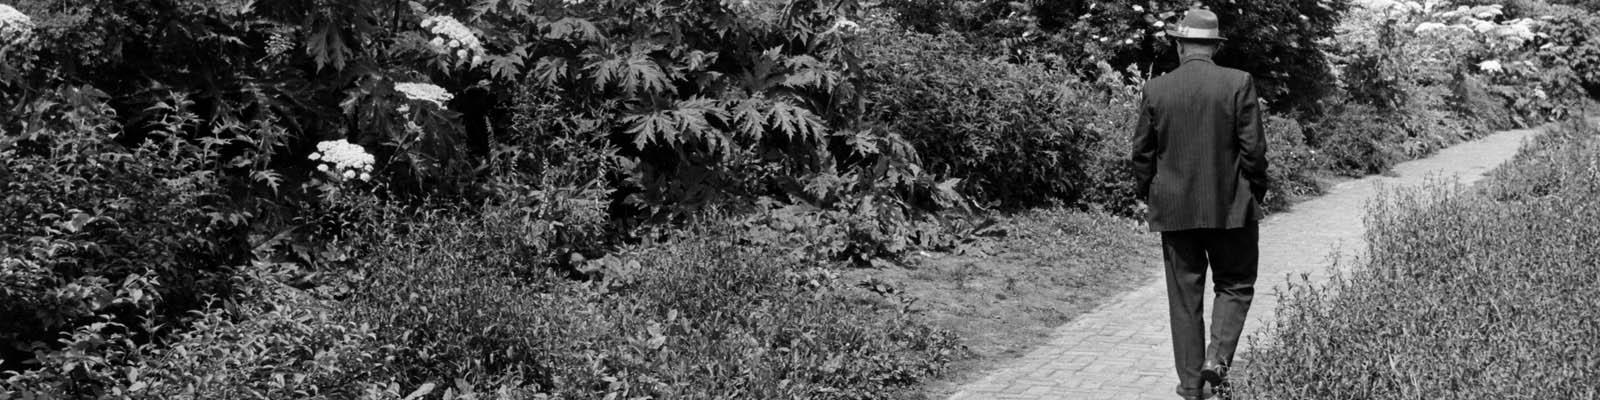 Le Roy tuin 50 jaar: 1966 - 2016